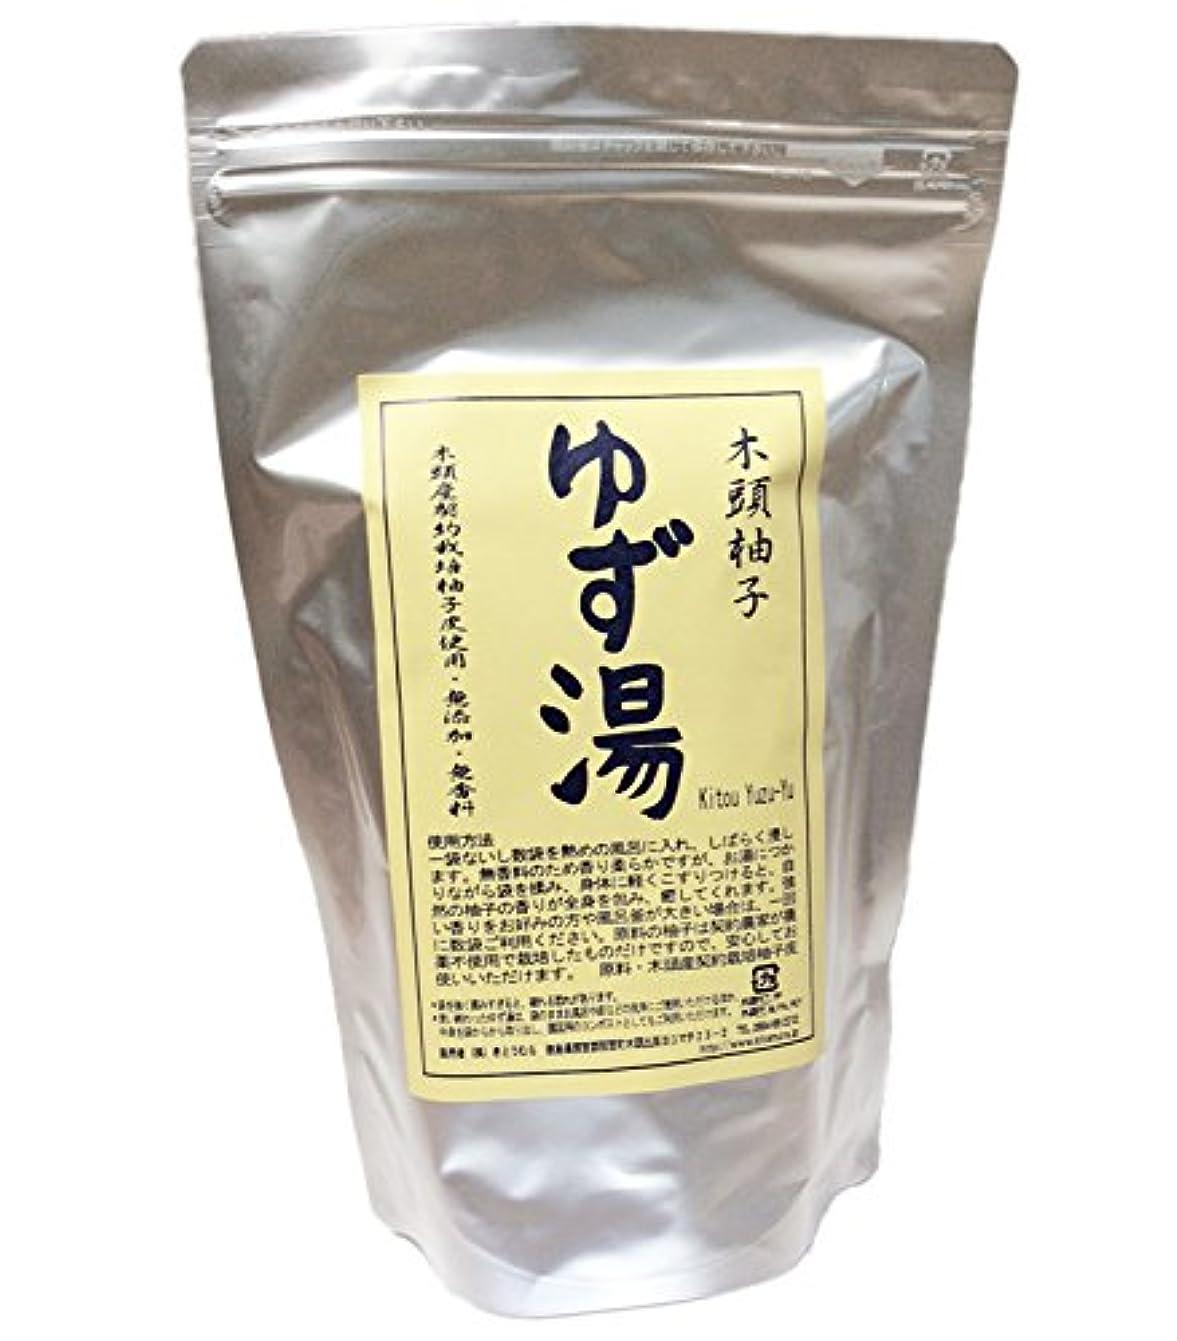 放映クスコに変わるきとうむら オーガニック 木頭柚子ゆず湯 (徳用) 30g×15パック入